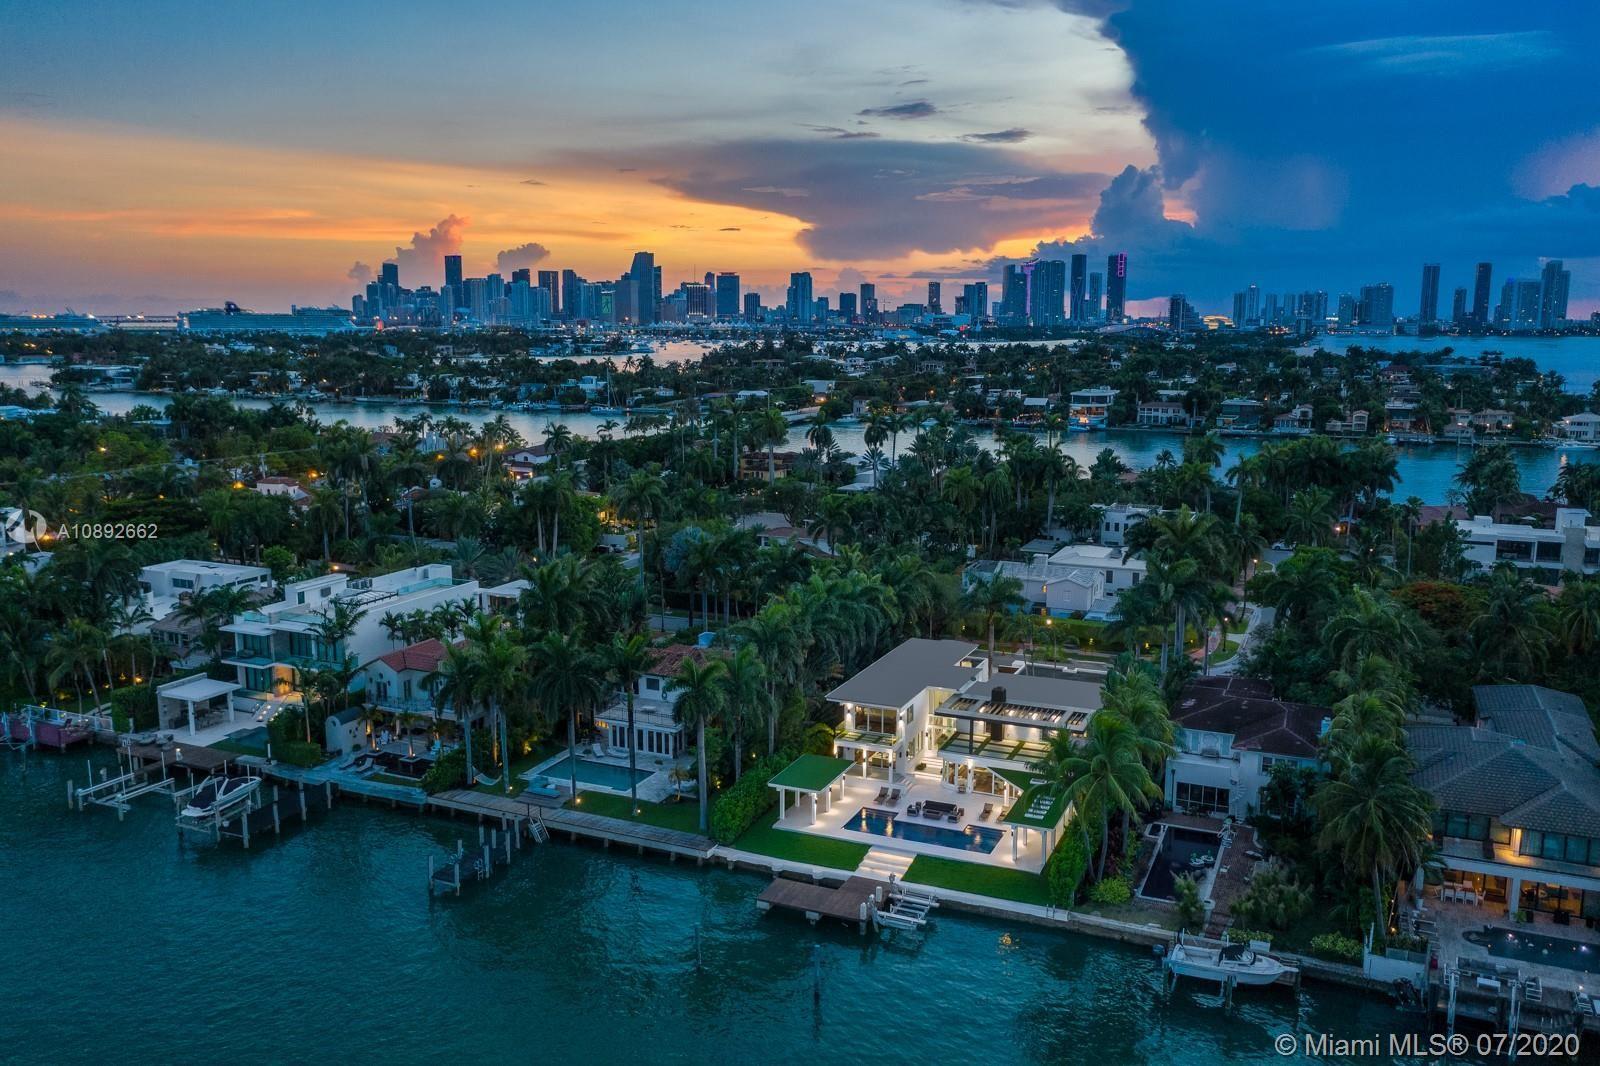 Photo 25 of Listing MLS a10892662 in 327 E Rivo Alto Dr Miami Beach FL 33139